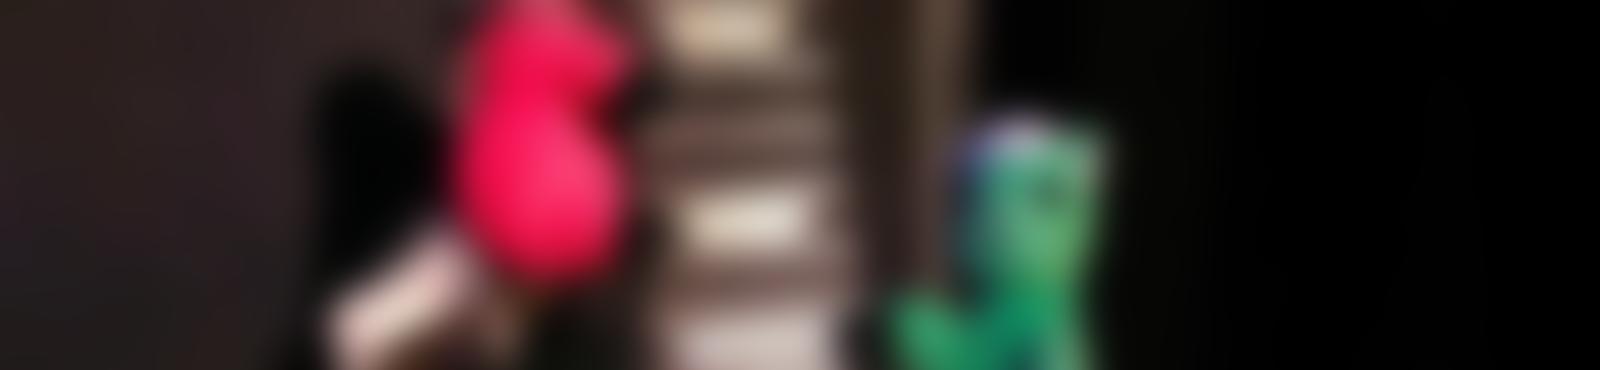 Blurred 706fd021 abff 42ac 8356 efae5d2fbe18